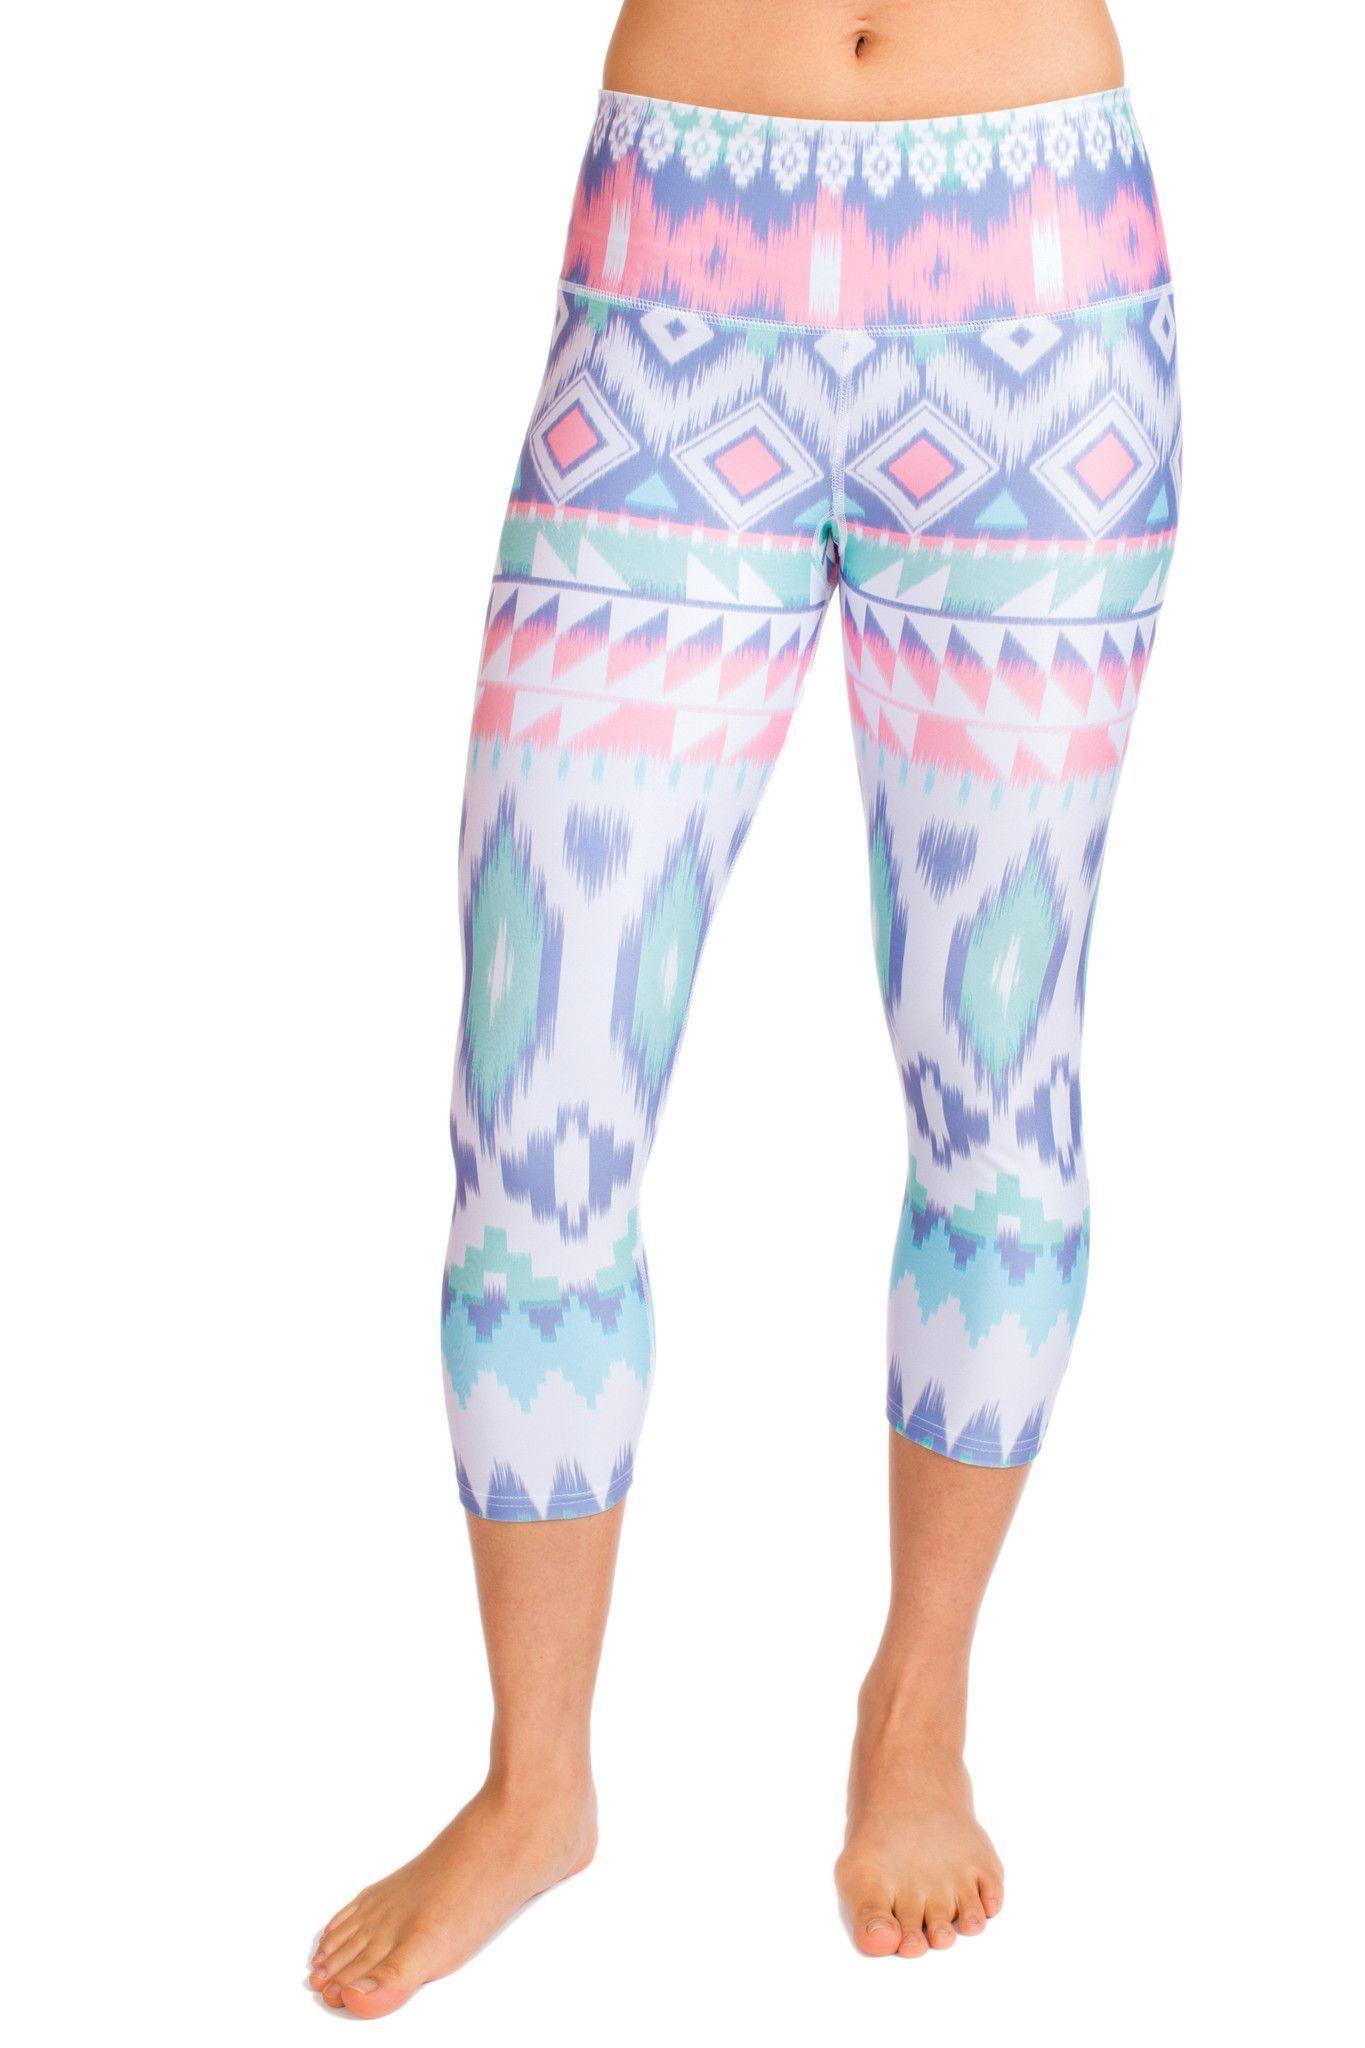 Nomad Capri Pants, Yoga wear, Capri